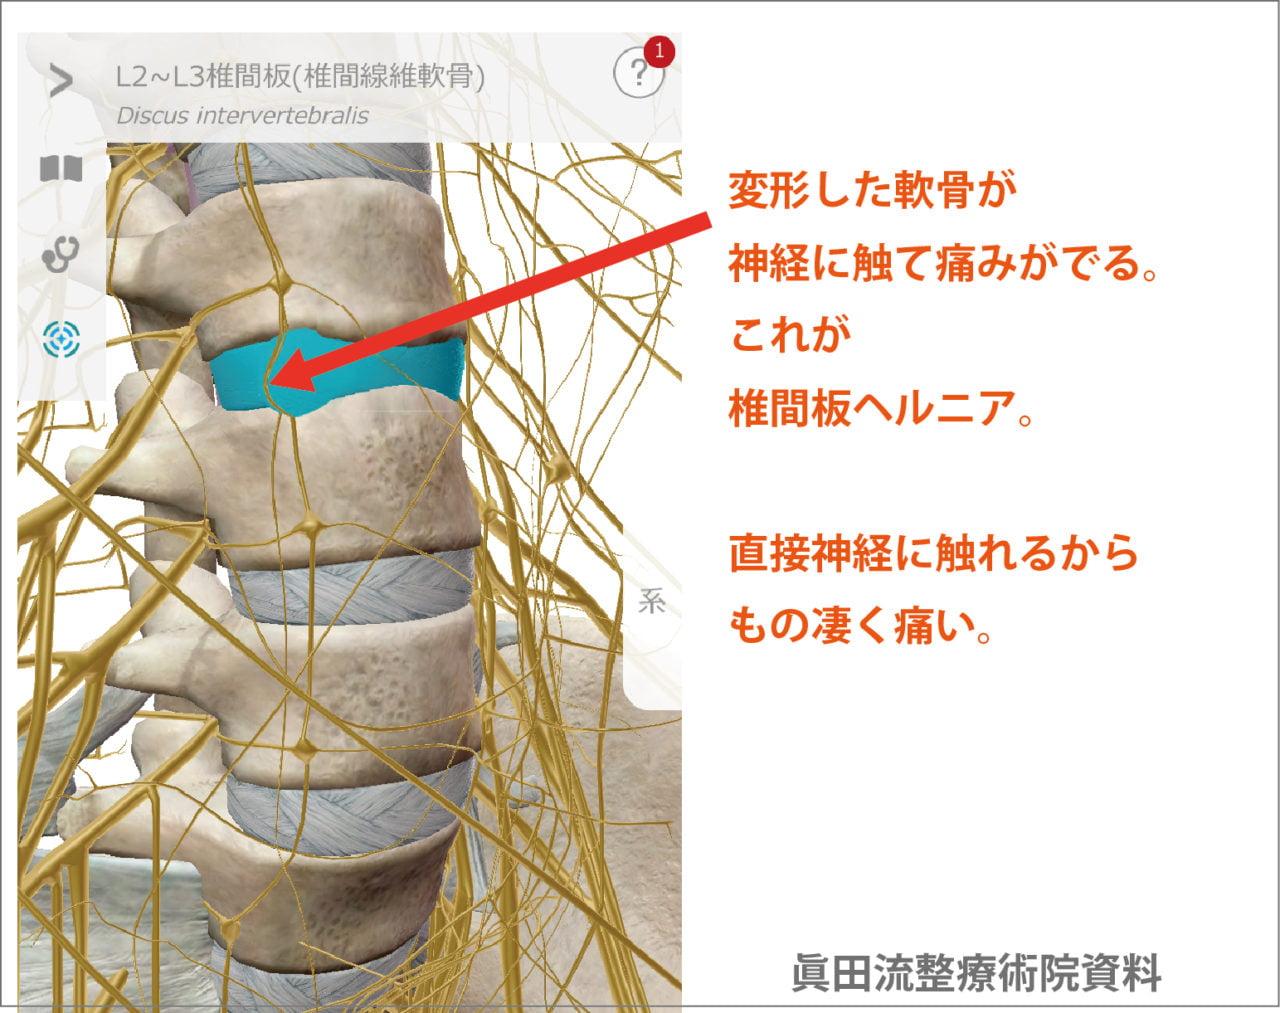 変形した軟骨(椎間板)が、腰骨付近に張り巡らされた神経に触れて痛みがでます。